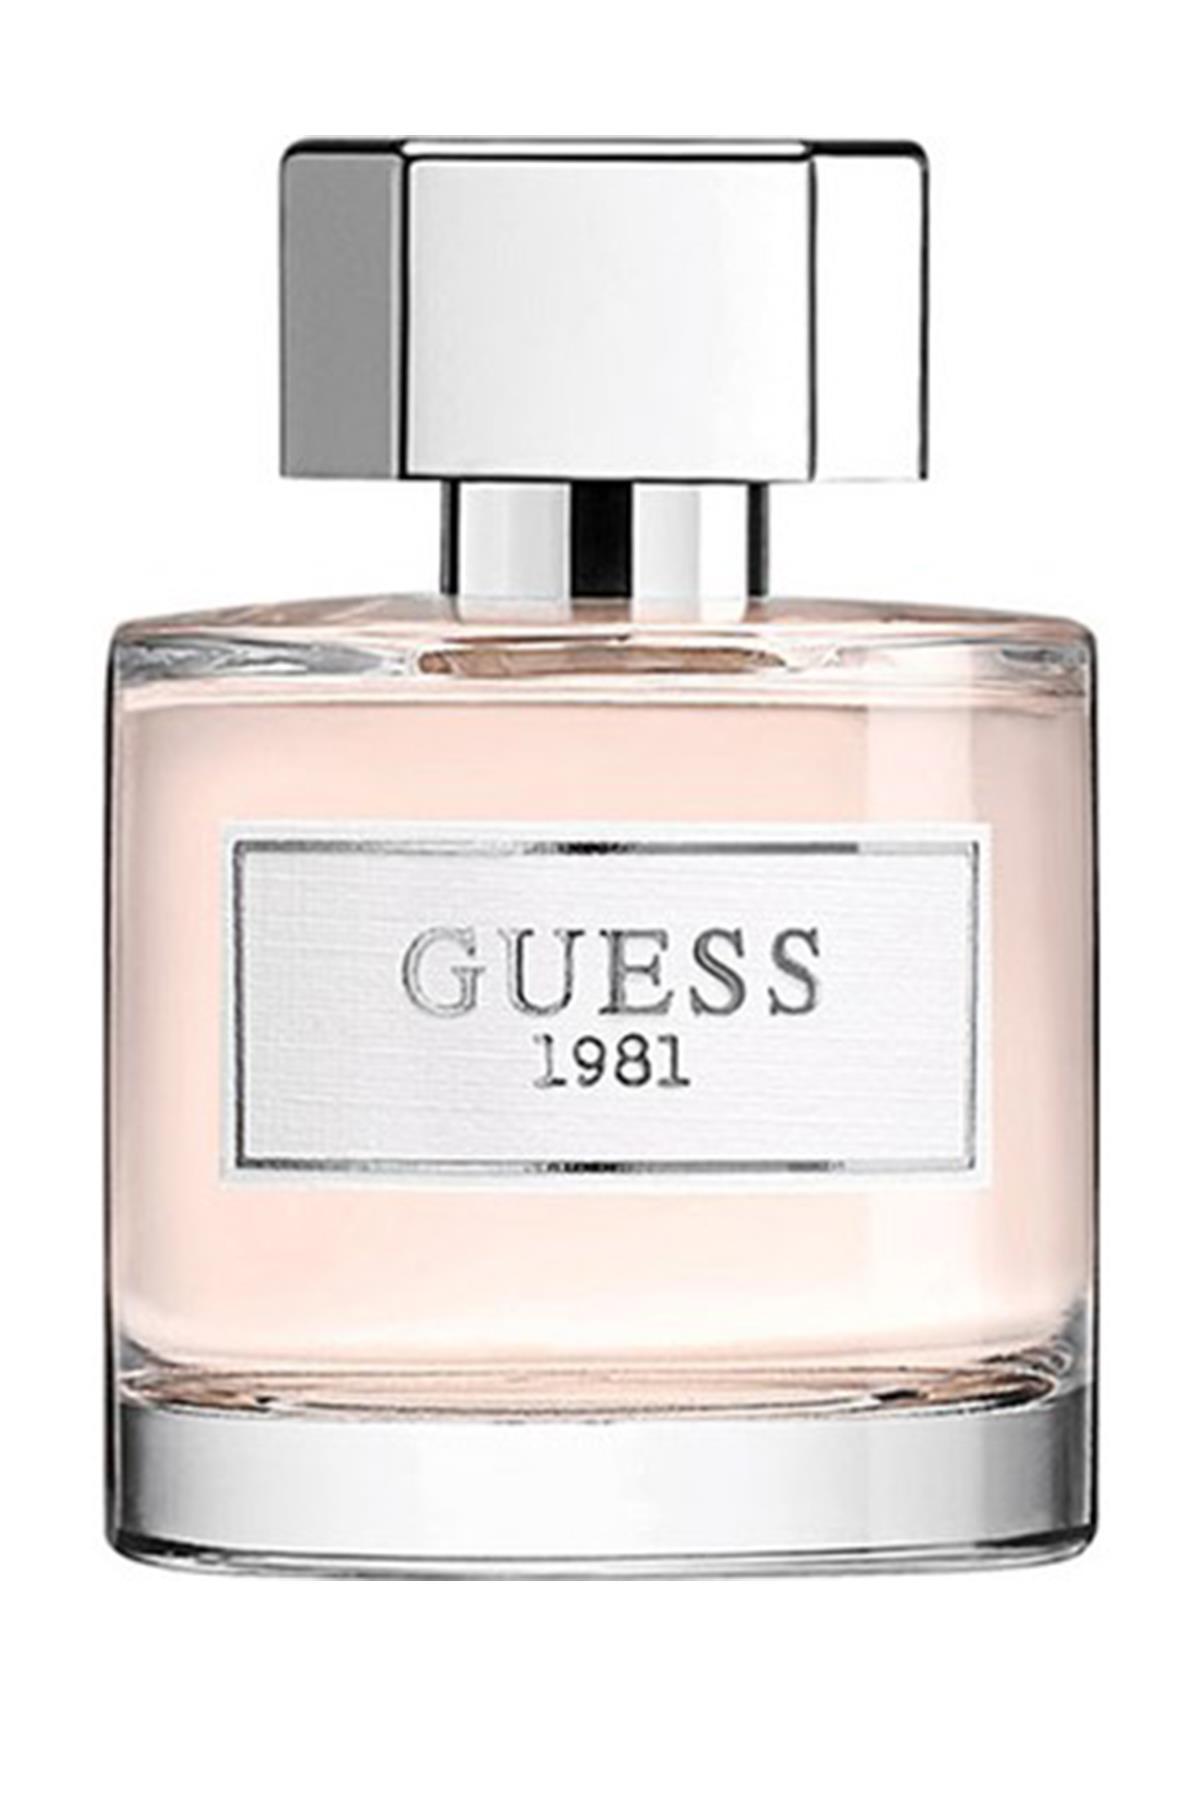 Guess 1981 EDT 50 ml Kadın Parfüm